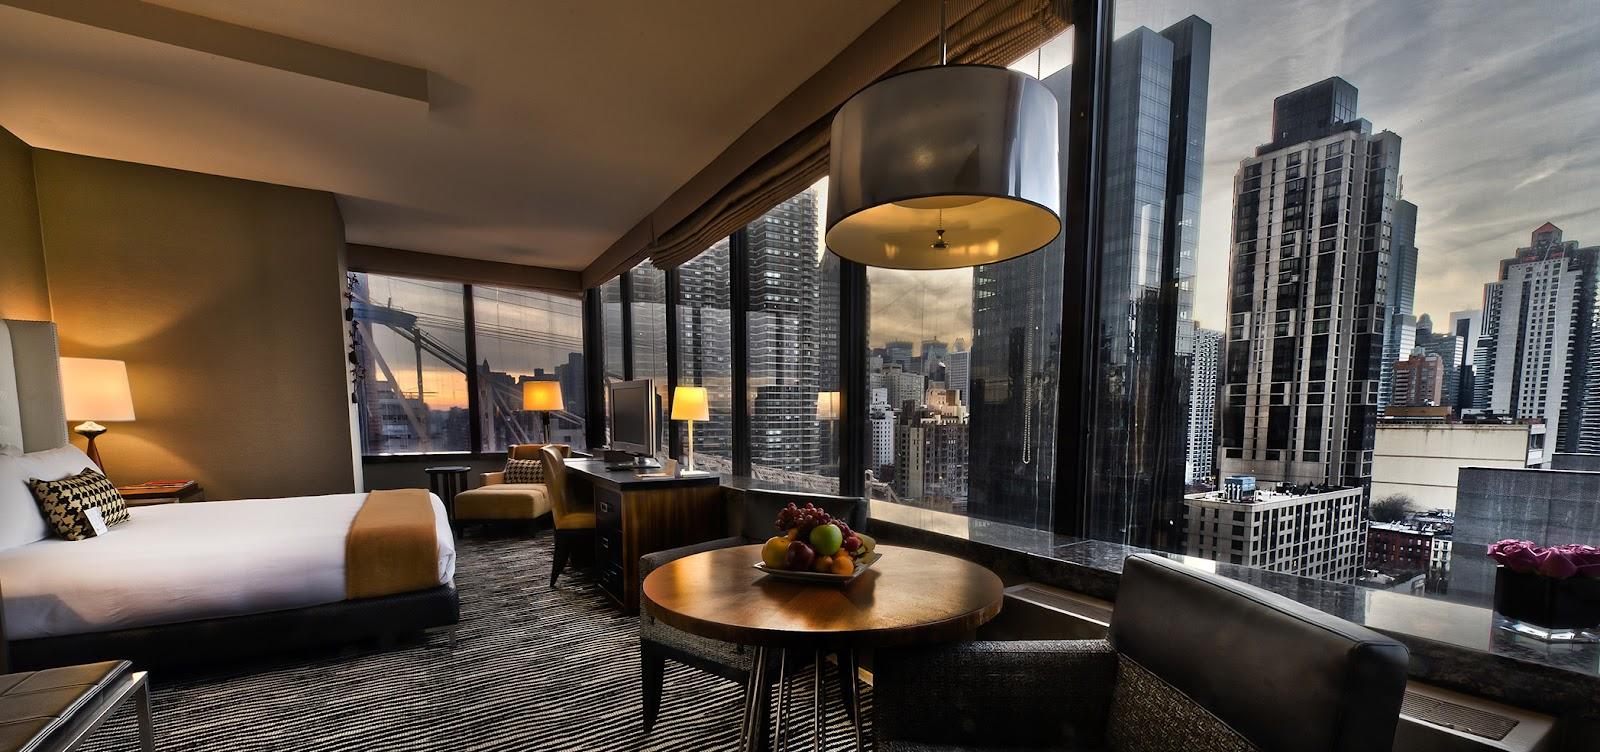 """Résultat de recherche d'images pour """"hotel room new york"""""""